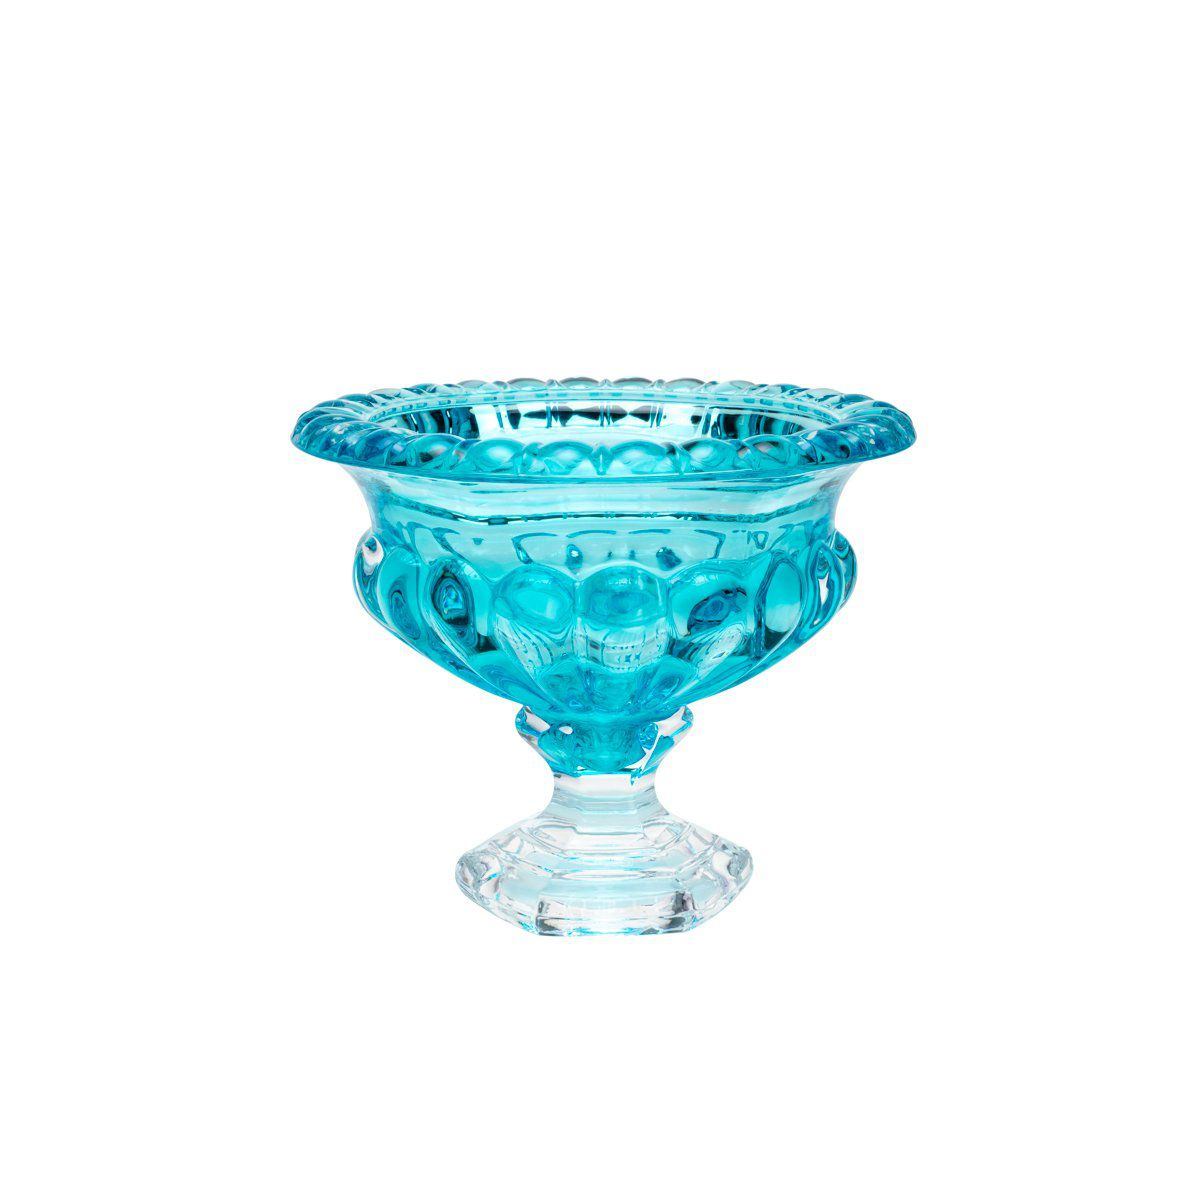 Centro de mesa 25,5 cm de cristal turquesa com pé Sussex Wolff - 26447